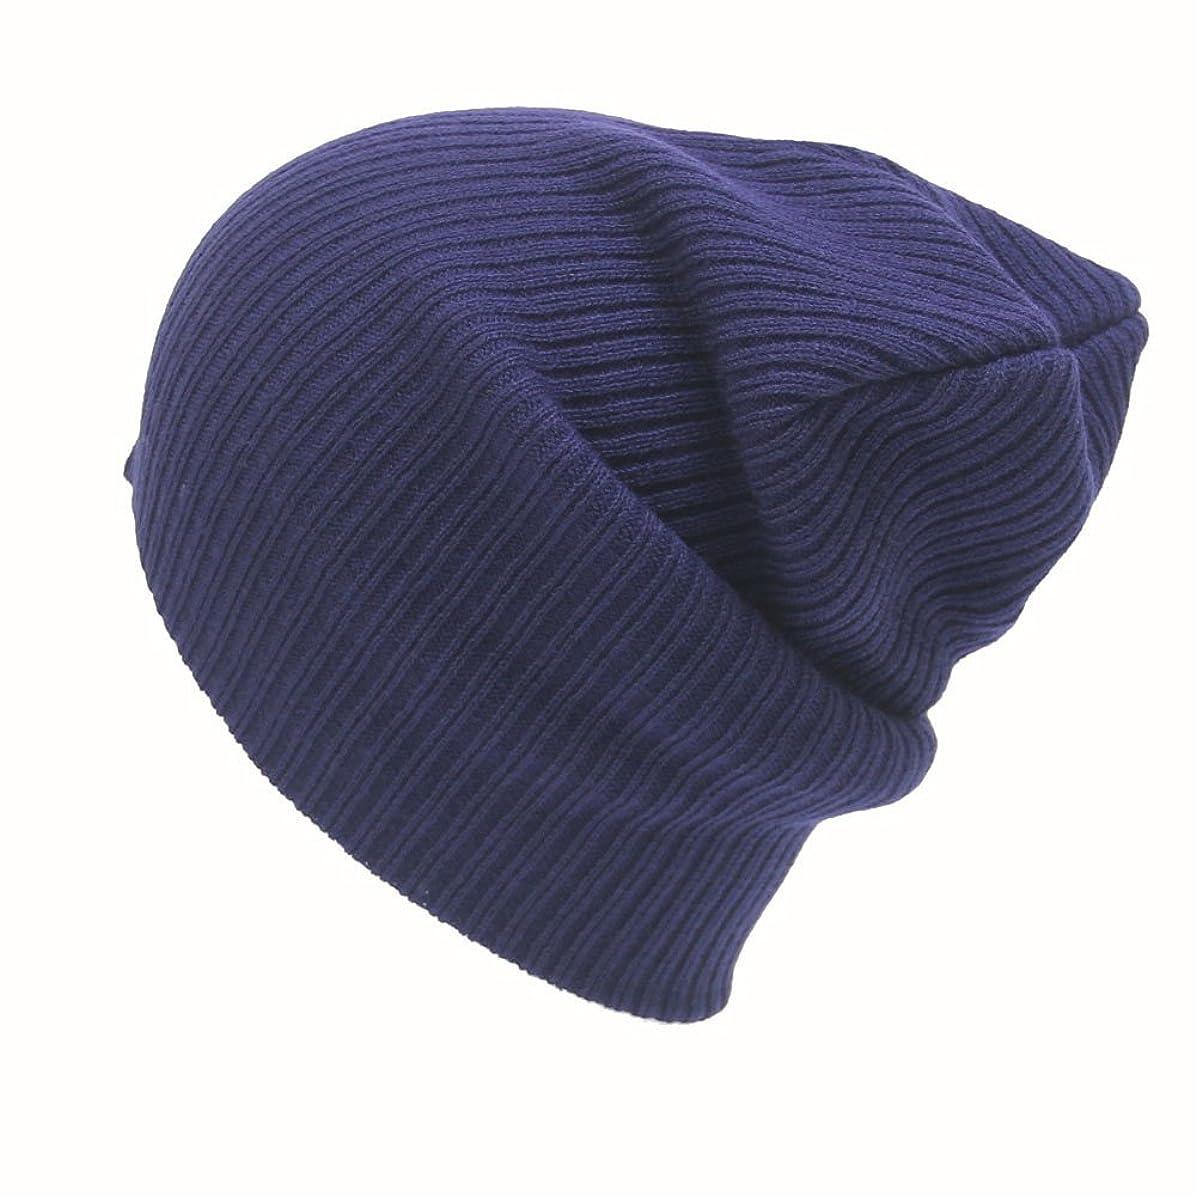 綺麗な導出感謝するRacazing 選べる7色 ニット帽 編み物 ストライプ ニット帽 防寒対策 通気性のある 防風 暖かい 軽量 屋外 スキー 自転車 クリスマス Hat 男女兼用 (ネービー)